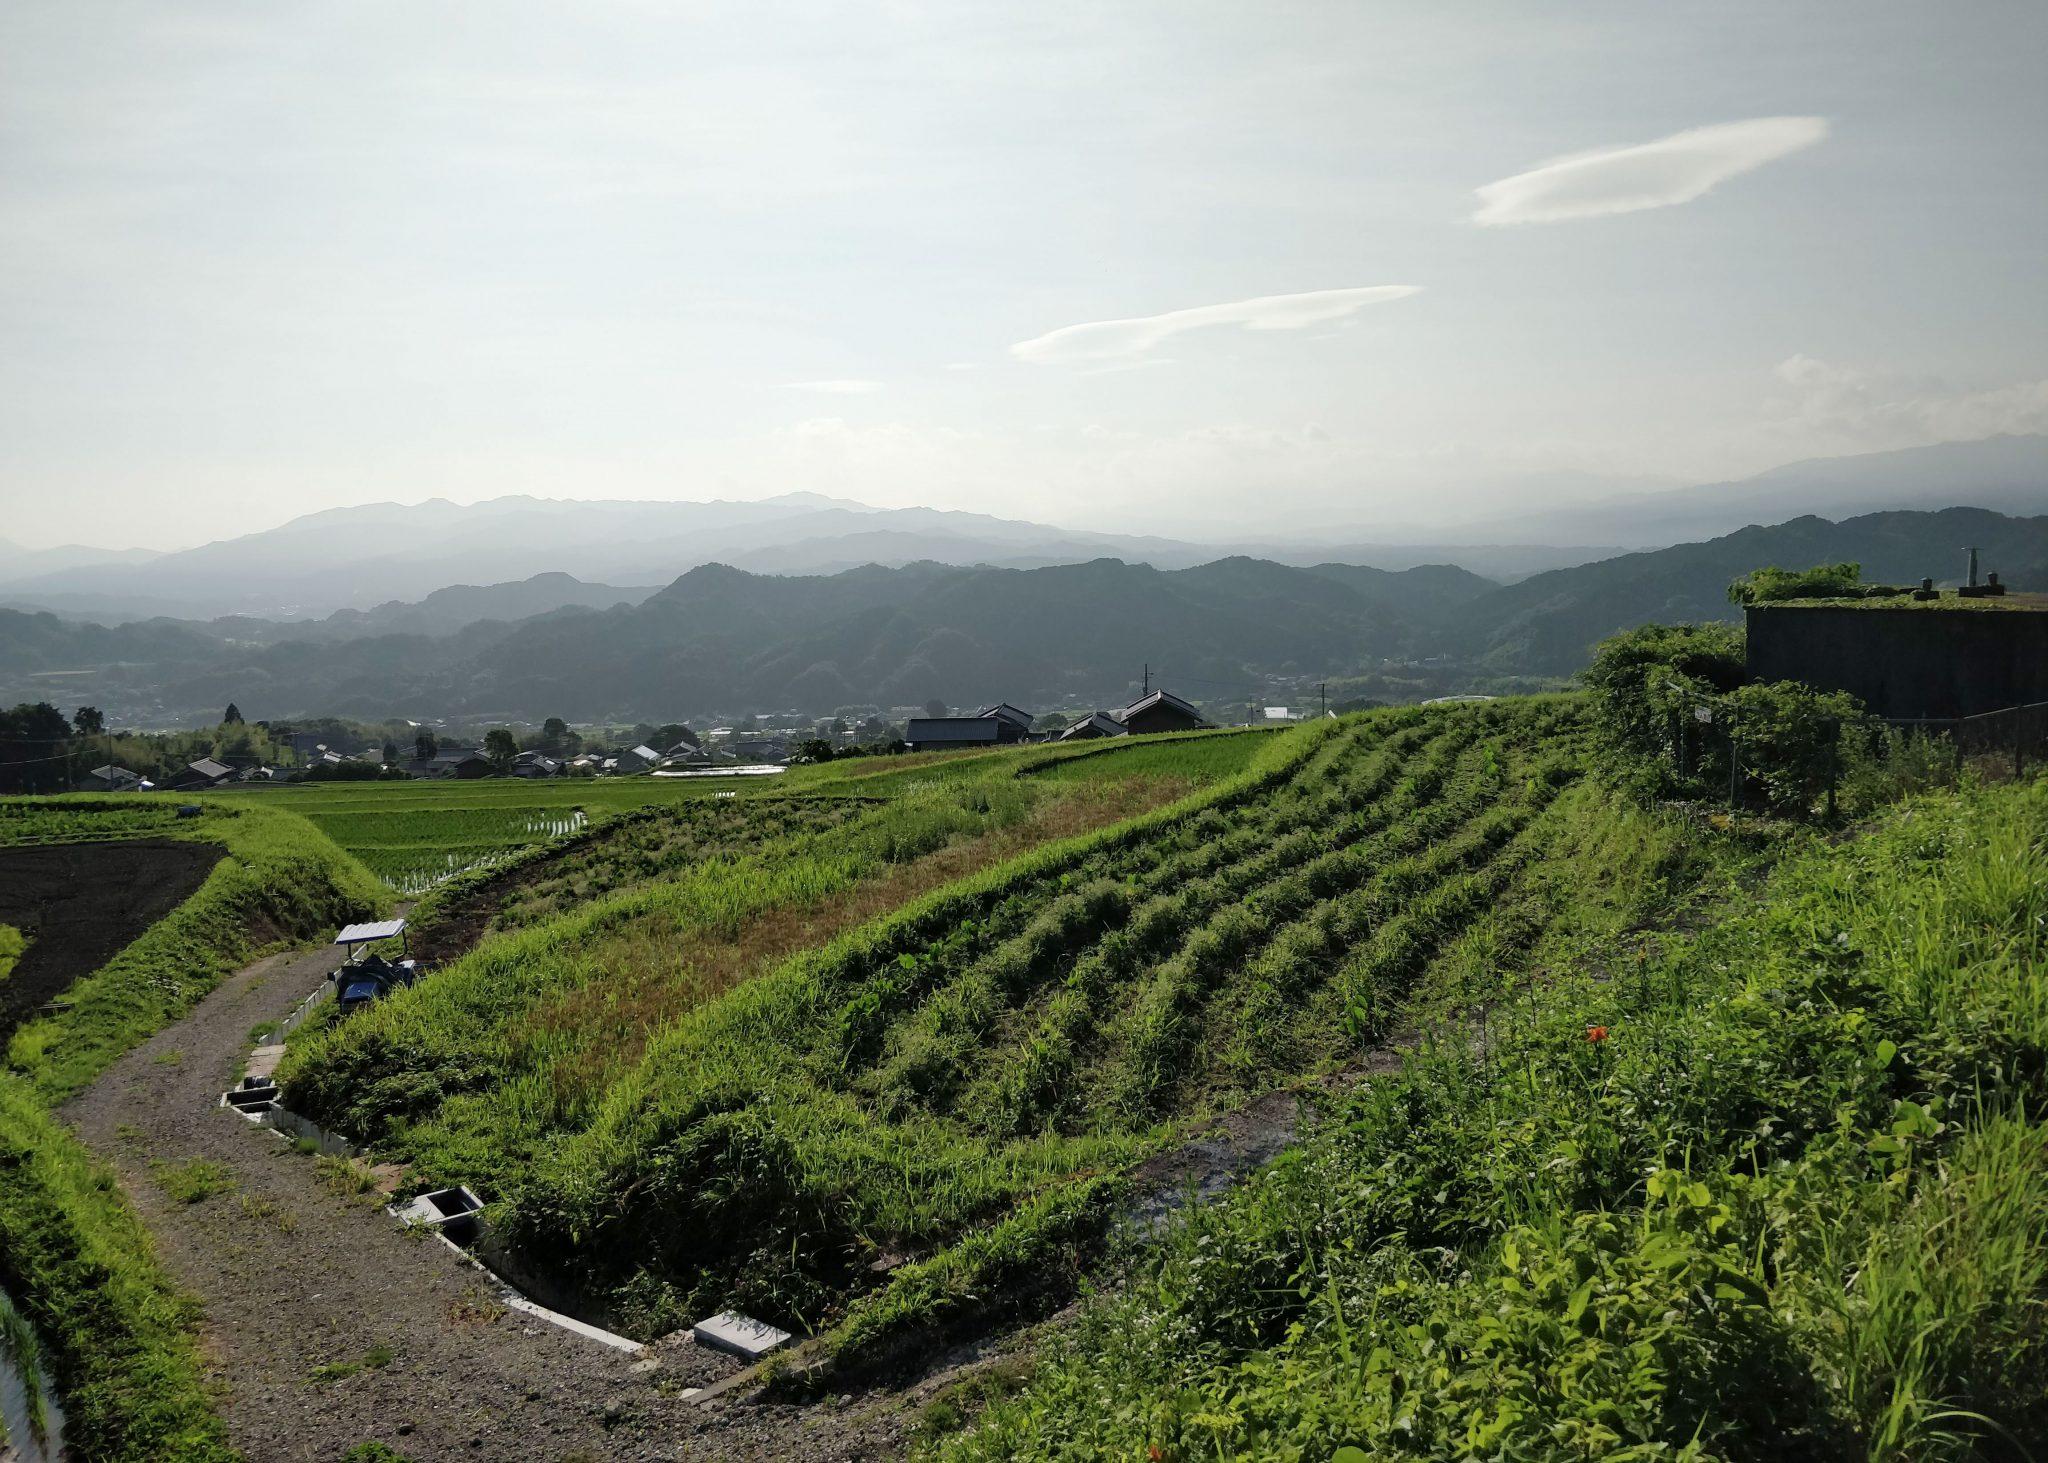 Maisema Japanin maaseudulla